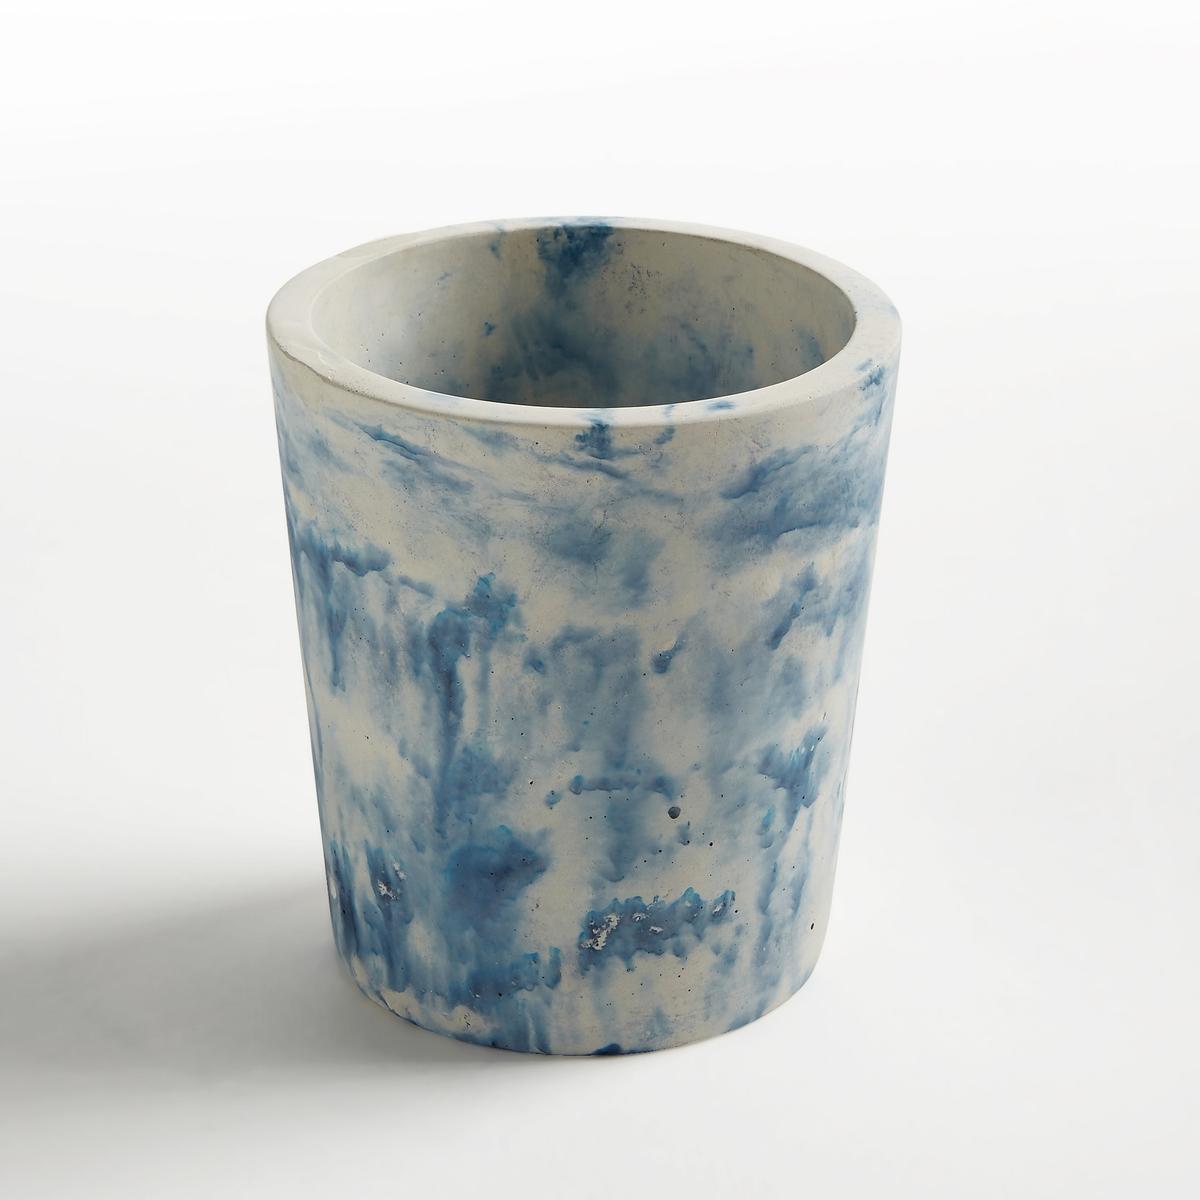 Кашпо из бетона под мрамор, диаметр 16 см, AngermanХарактеристики :- Из окрашенного бетона под мрамор- Ручная работа, каждый мраморный рисунок уникален.Размеры : - диаметр 16 x высота 17,5 см<br><br>Цвет: белый/ синий